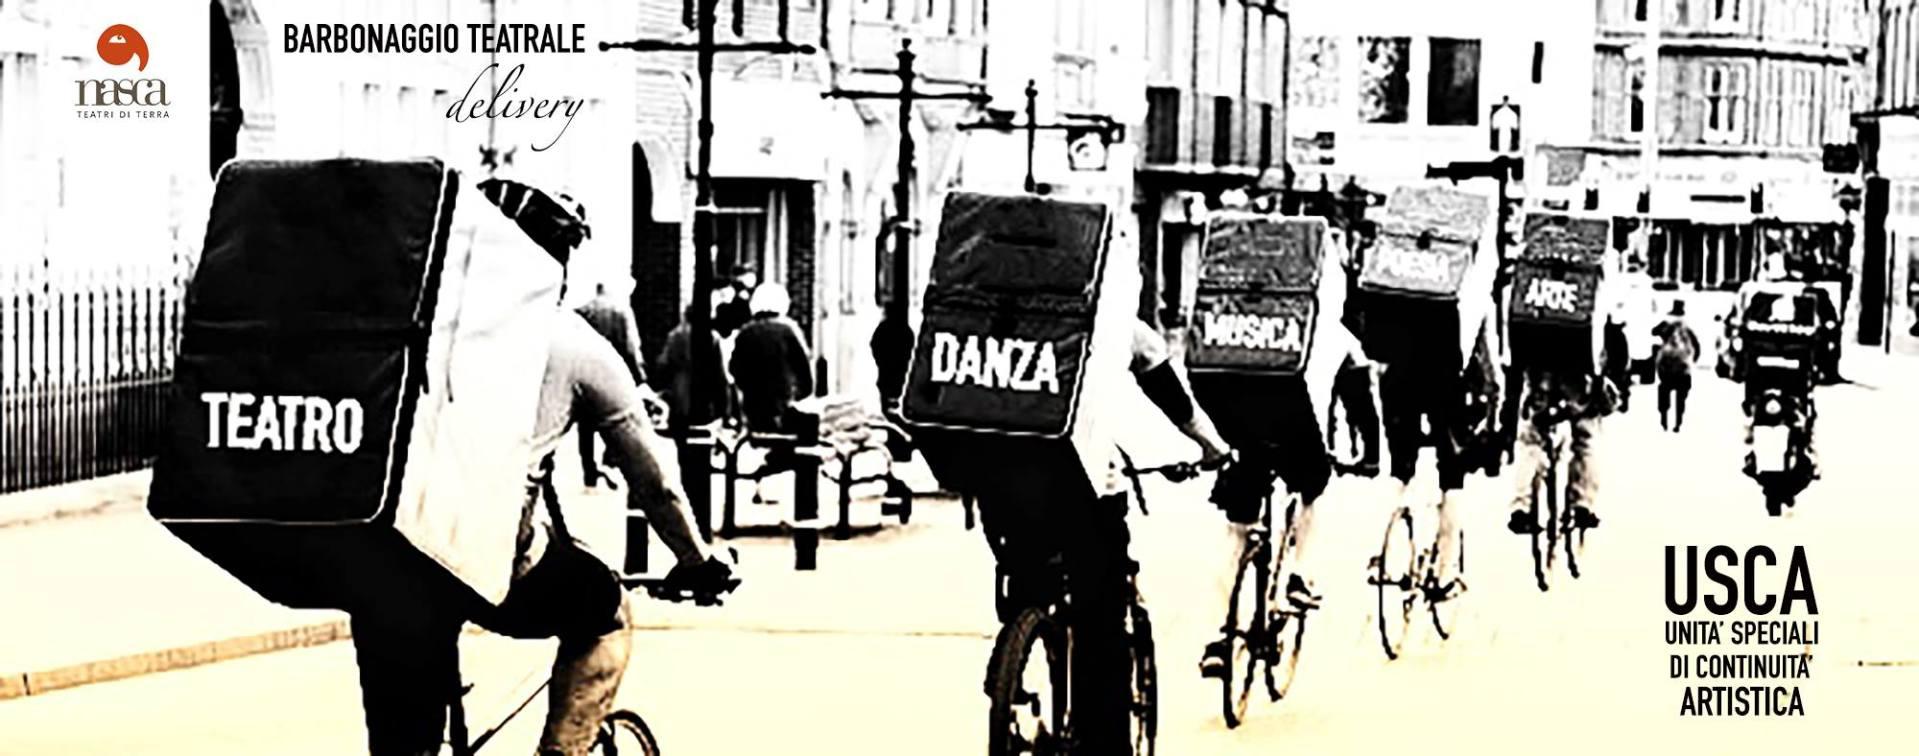 teatro-delivery-attori-biciclette-zaini